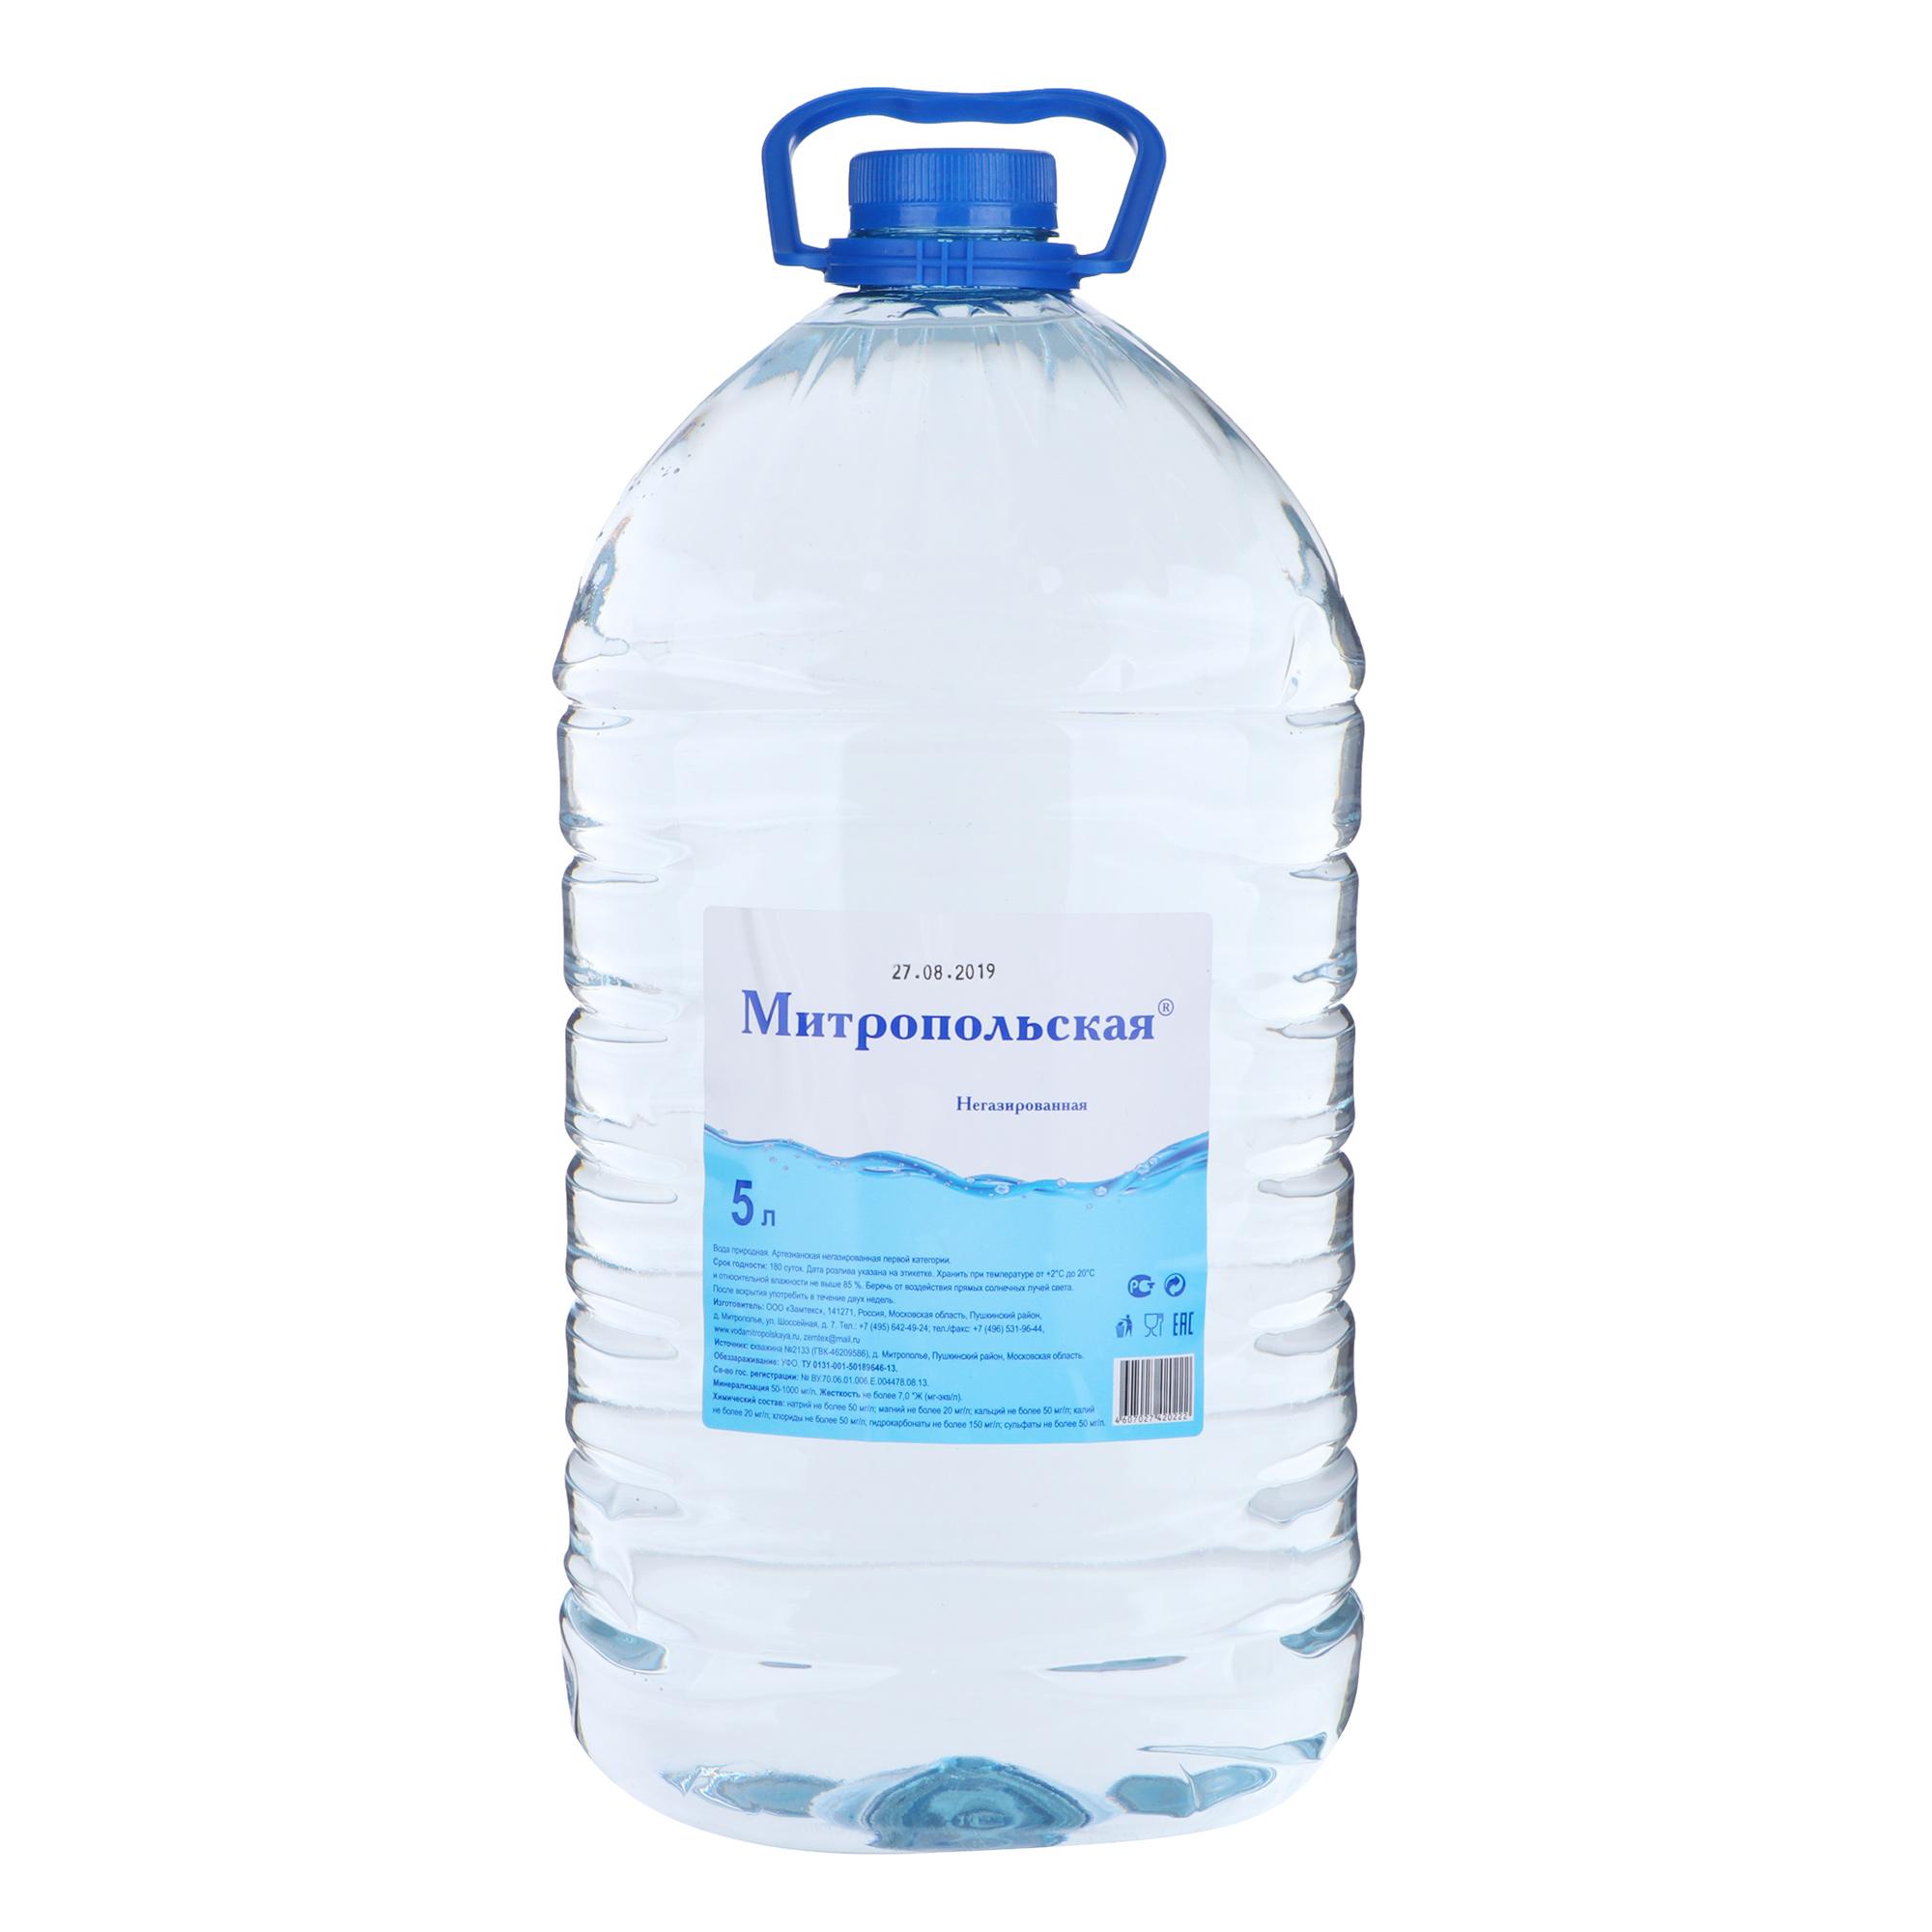 ledenev вода питьевая негазированная 1 5 л Вода питьевая Митропольская негазированная 5 л